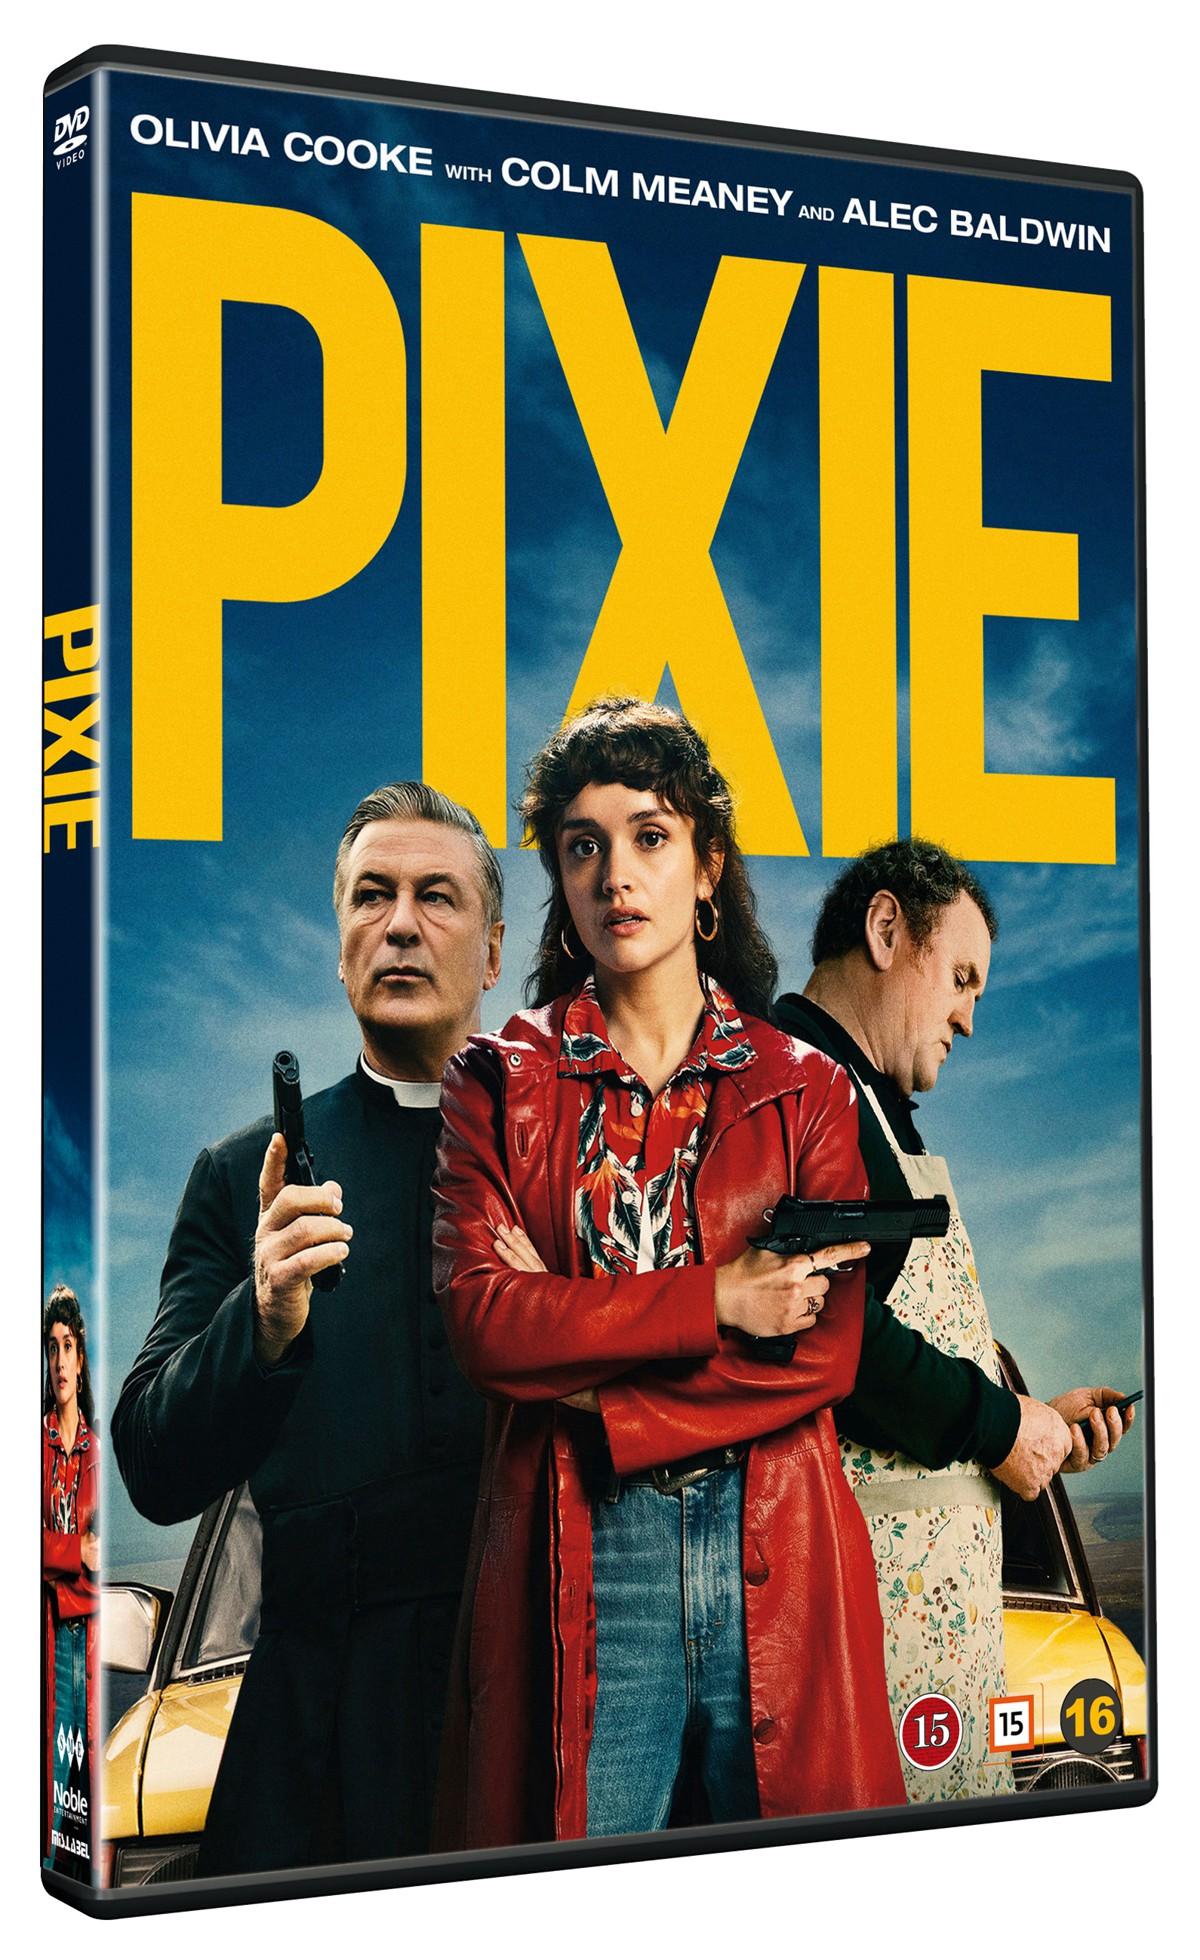 Pixie - Olivia Cooke - Film -  - 5705535066792 - September 13, 2021